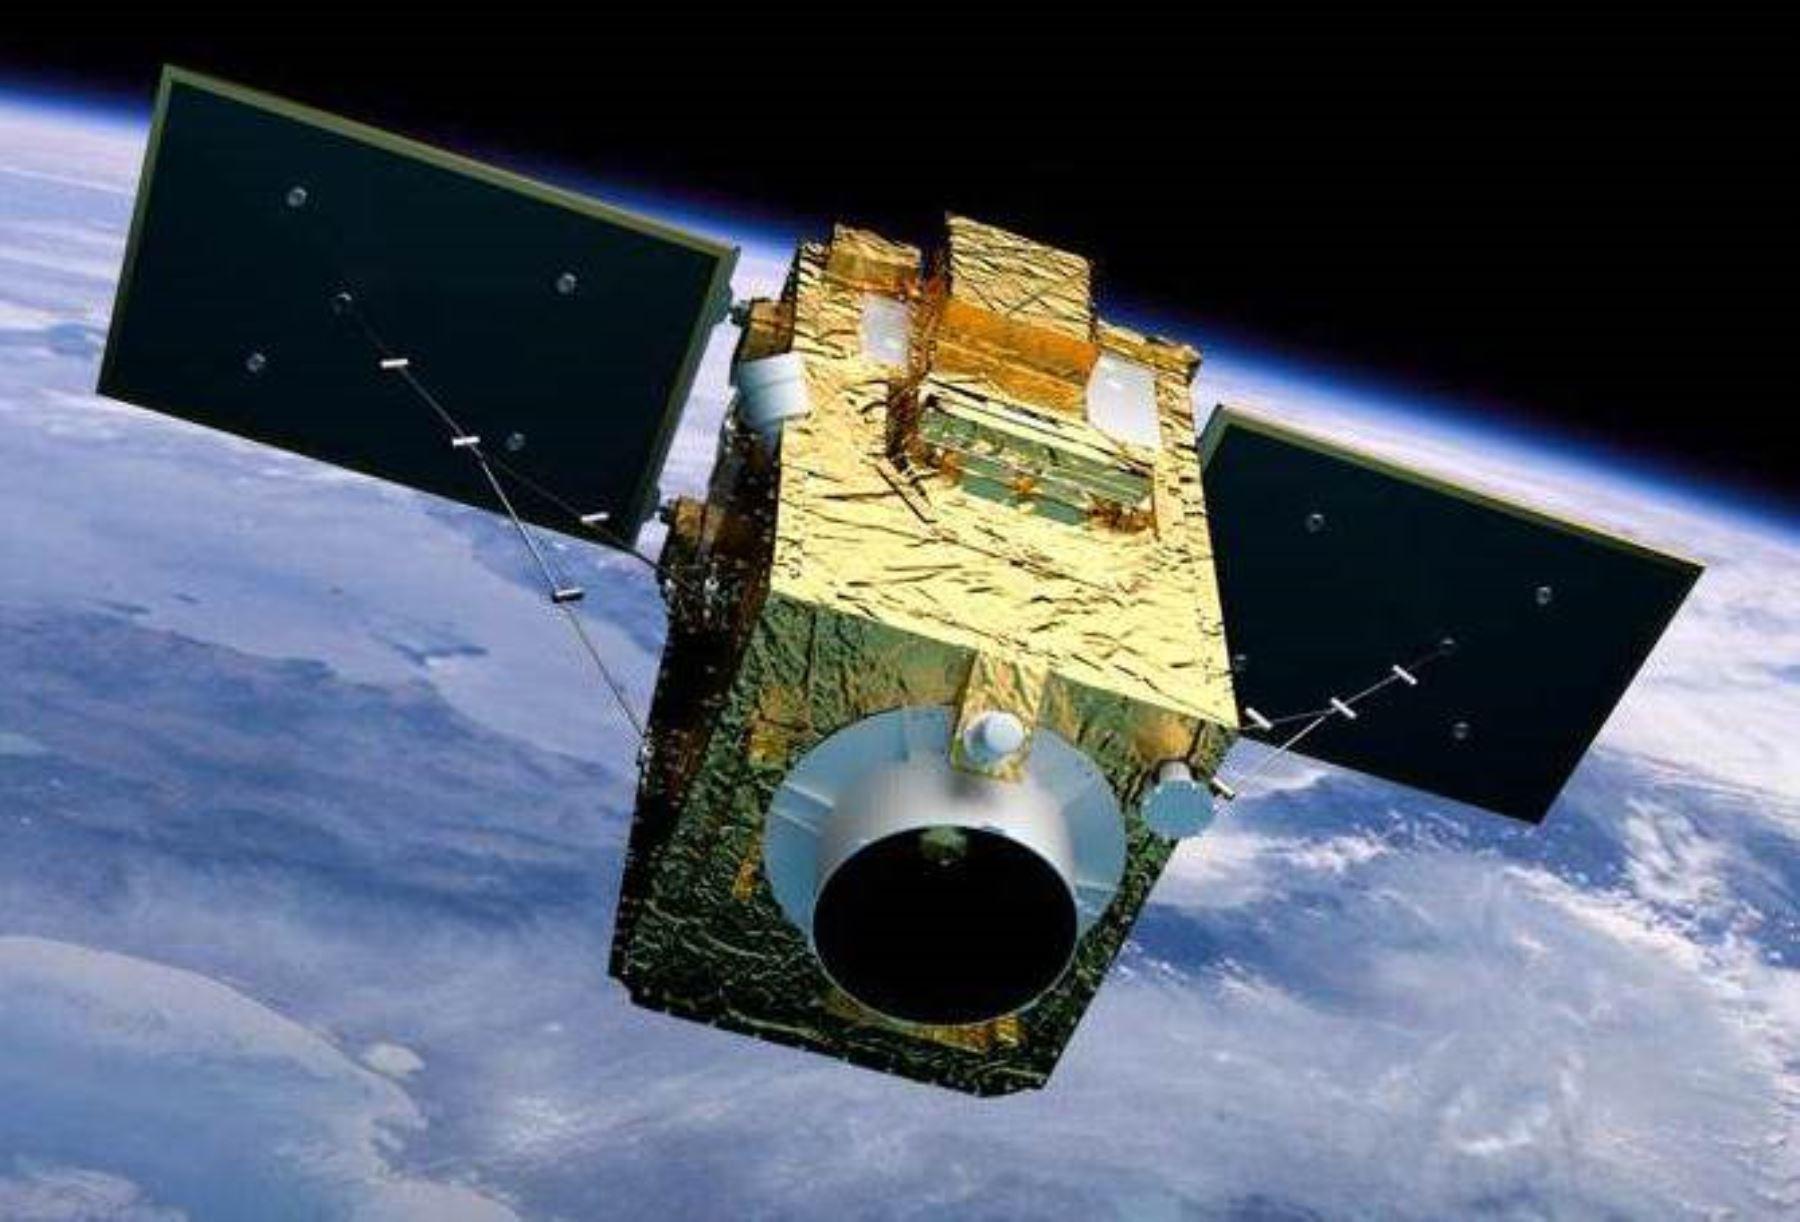 ¿Quieres aprender sobre astronomía? Participa en seminario web con certificación